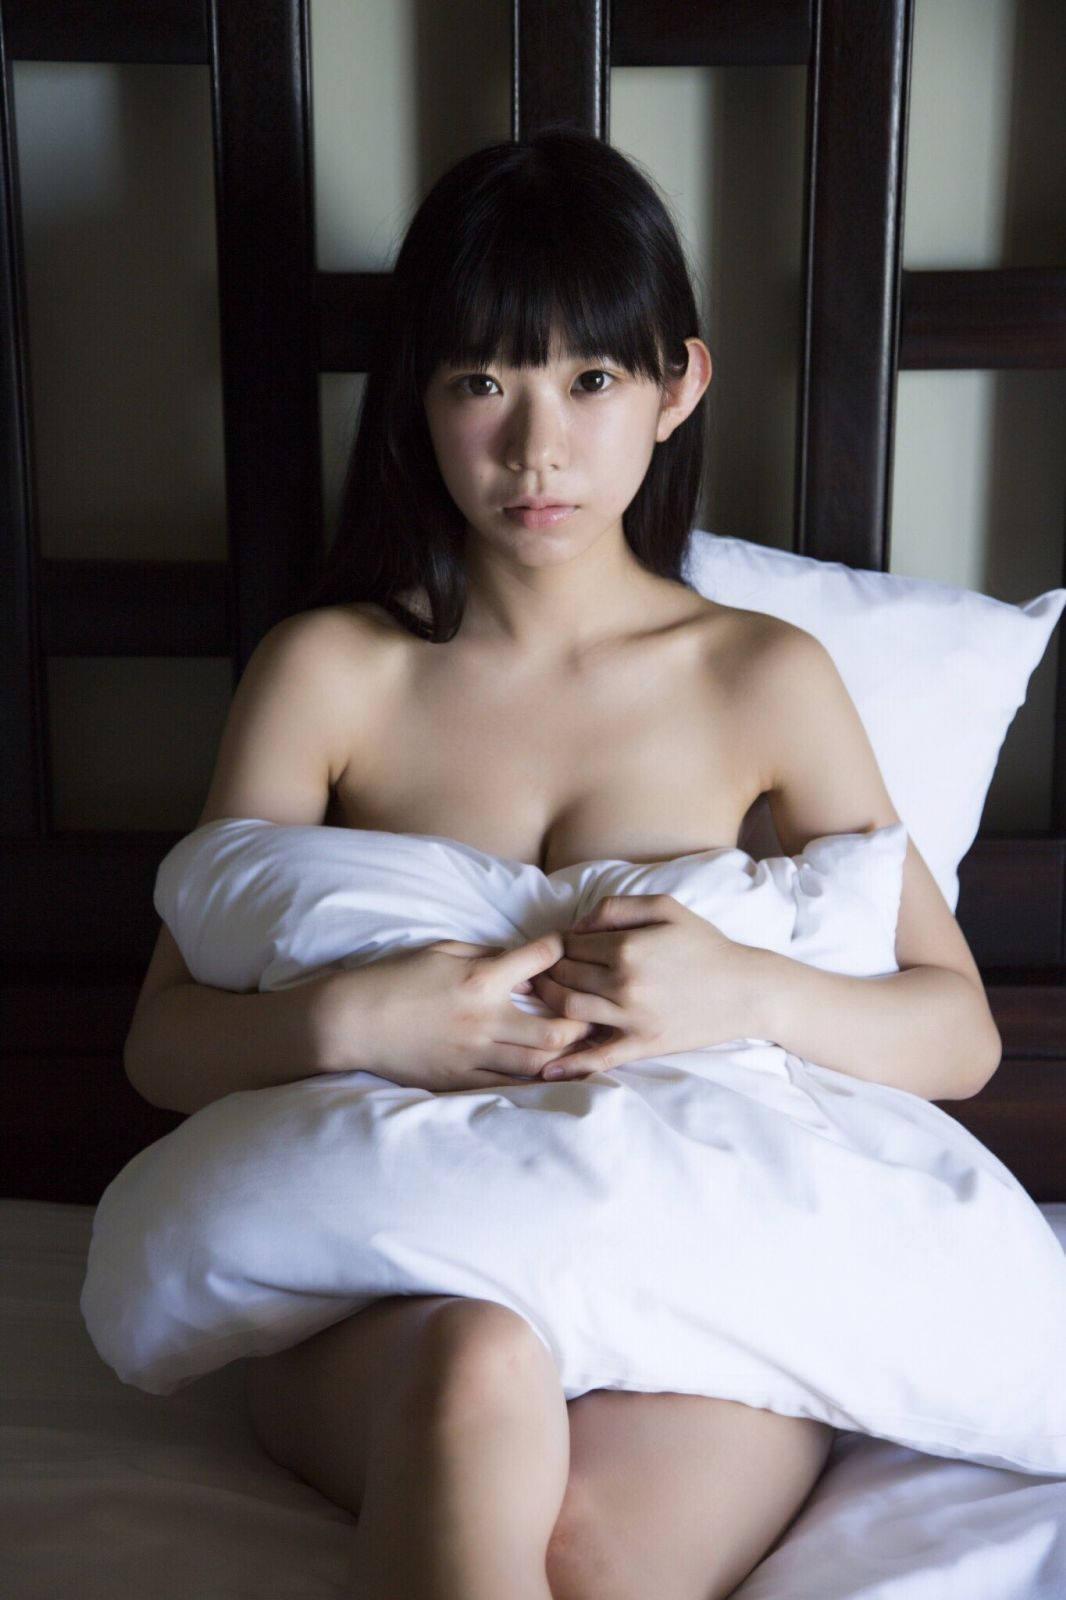 長澤茉里奈 画像 054